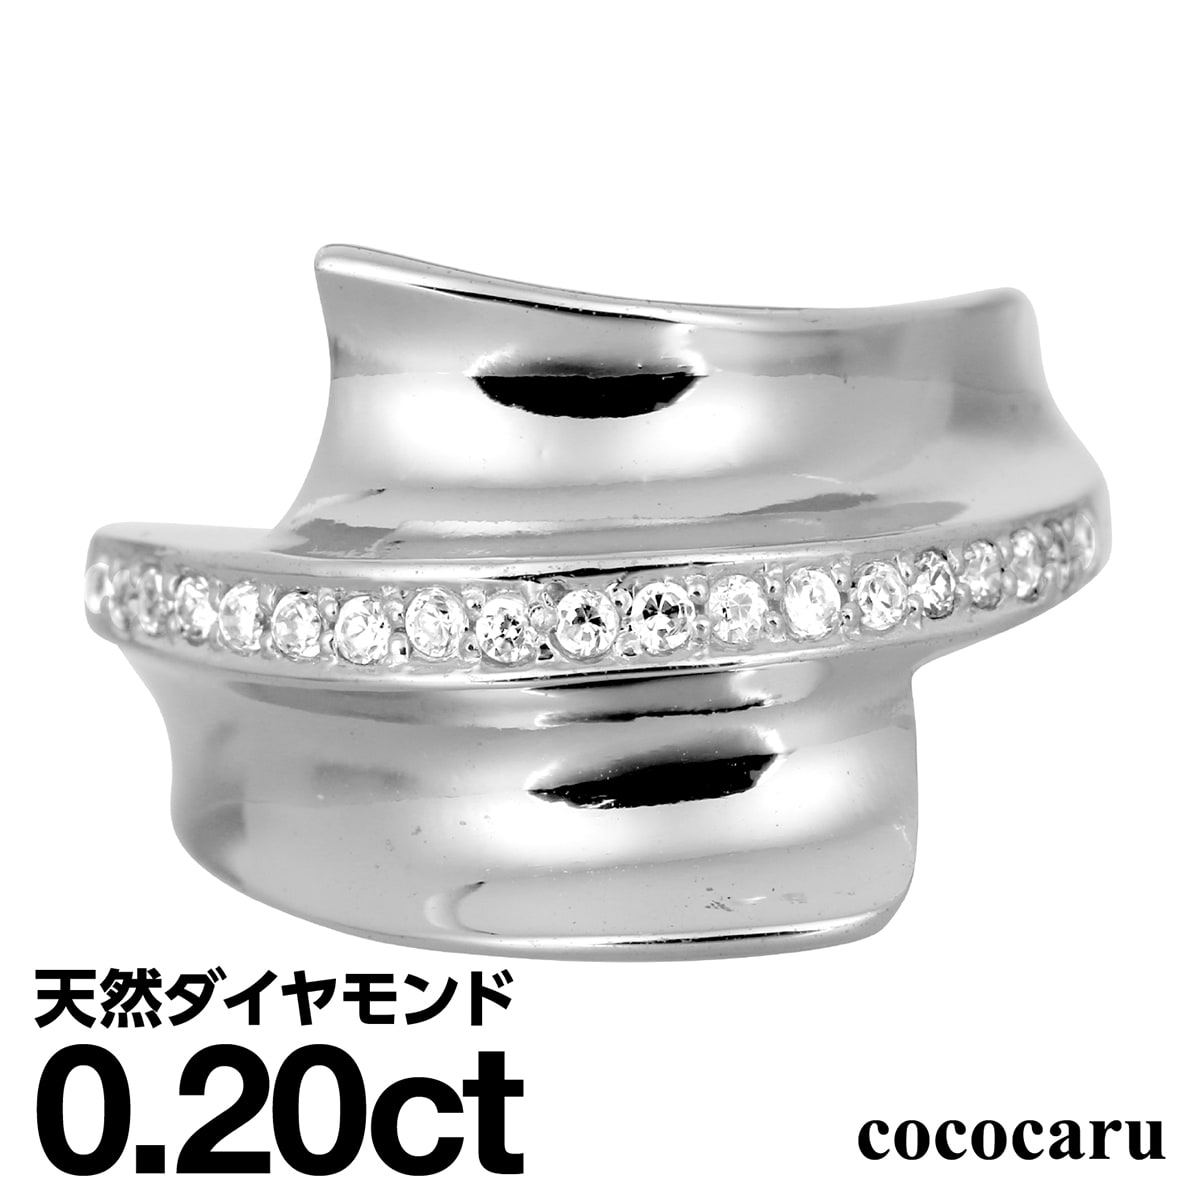 いいスタイル ダイヤモンド リング プラチナ900 ファッションリング ダイヤモンドリング 品質保証書 金属アレルギー 日本製 クリスマス ギフト プレゼント, KenBrand 5dc254f3